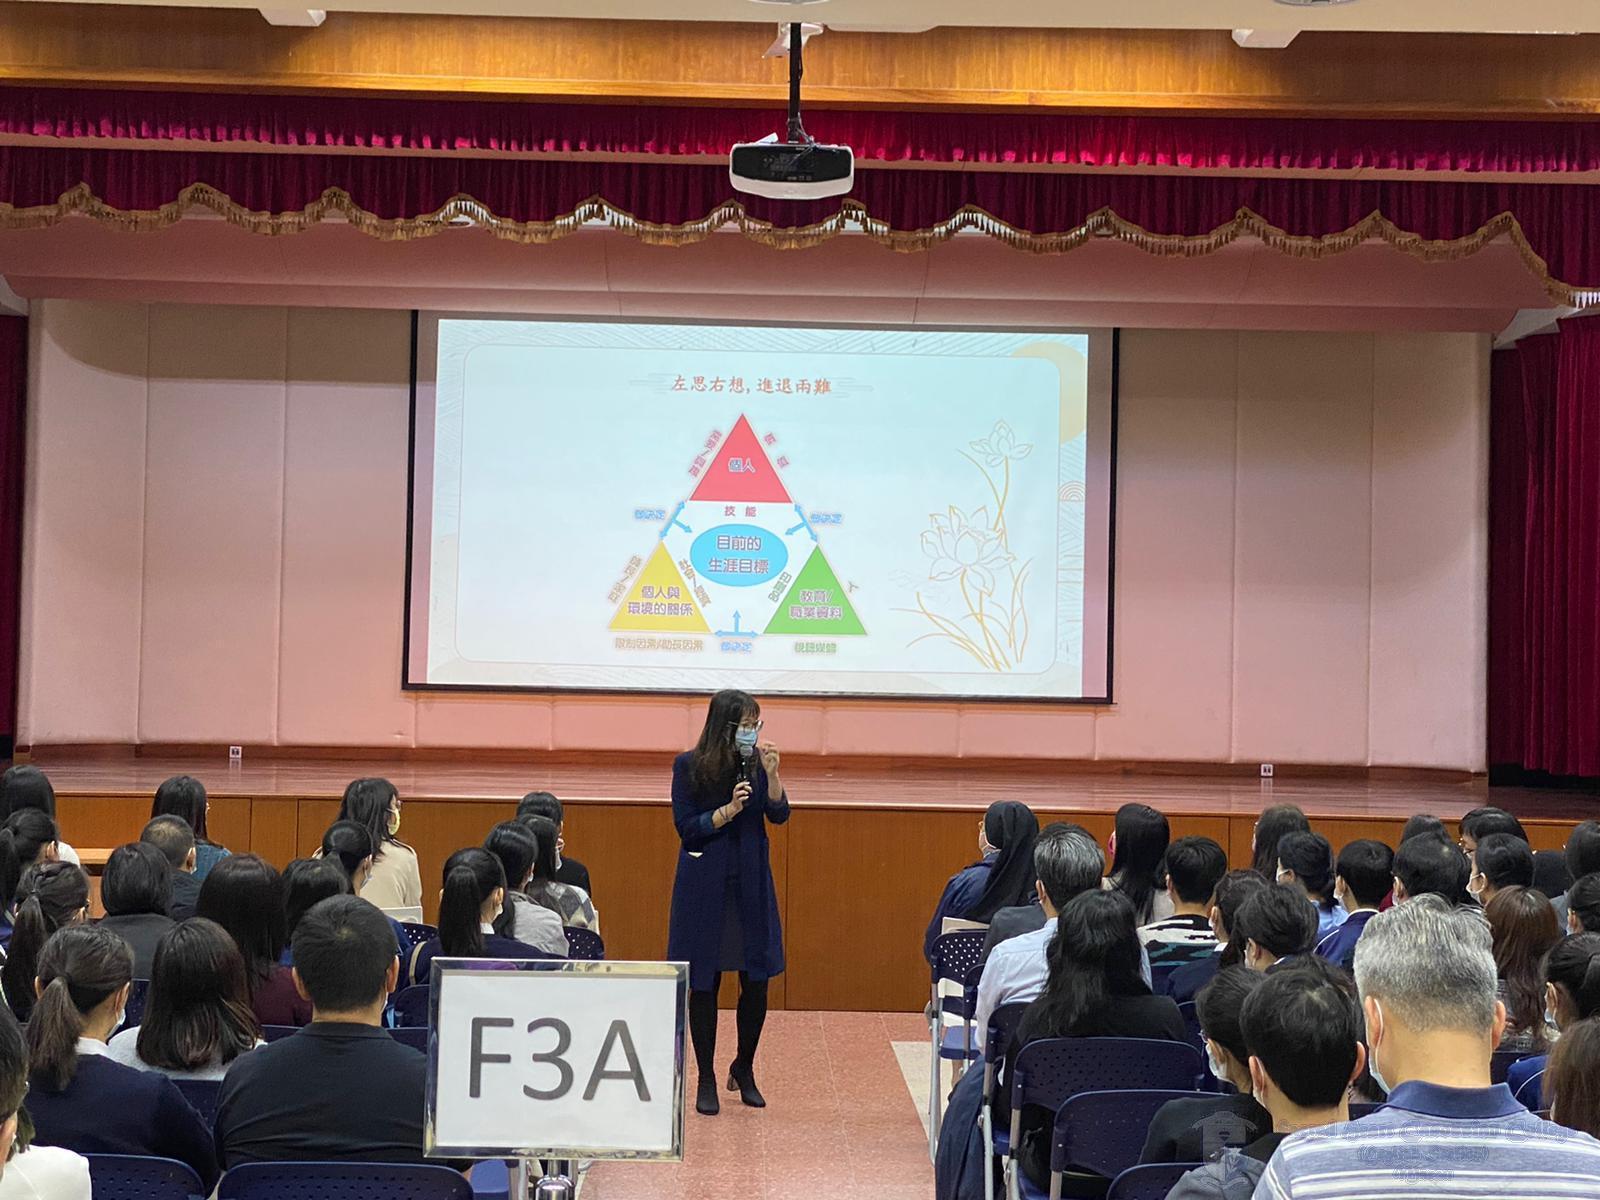 澳門明愛—青少年、社區及學校輔導服務的葉詩琪副主任向學生分享選科的技巧和策略